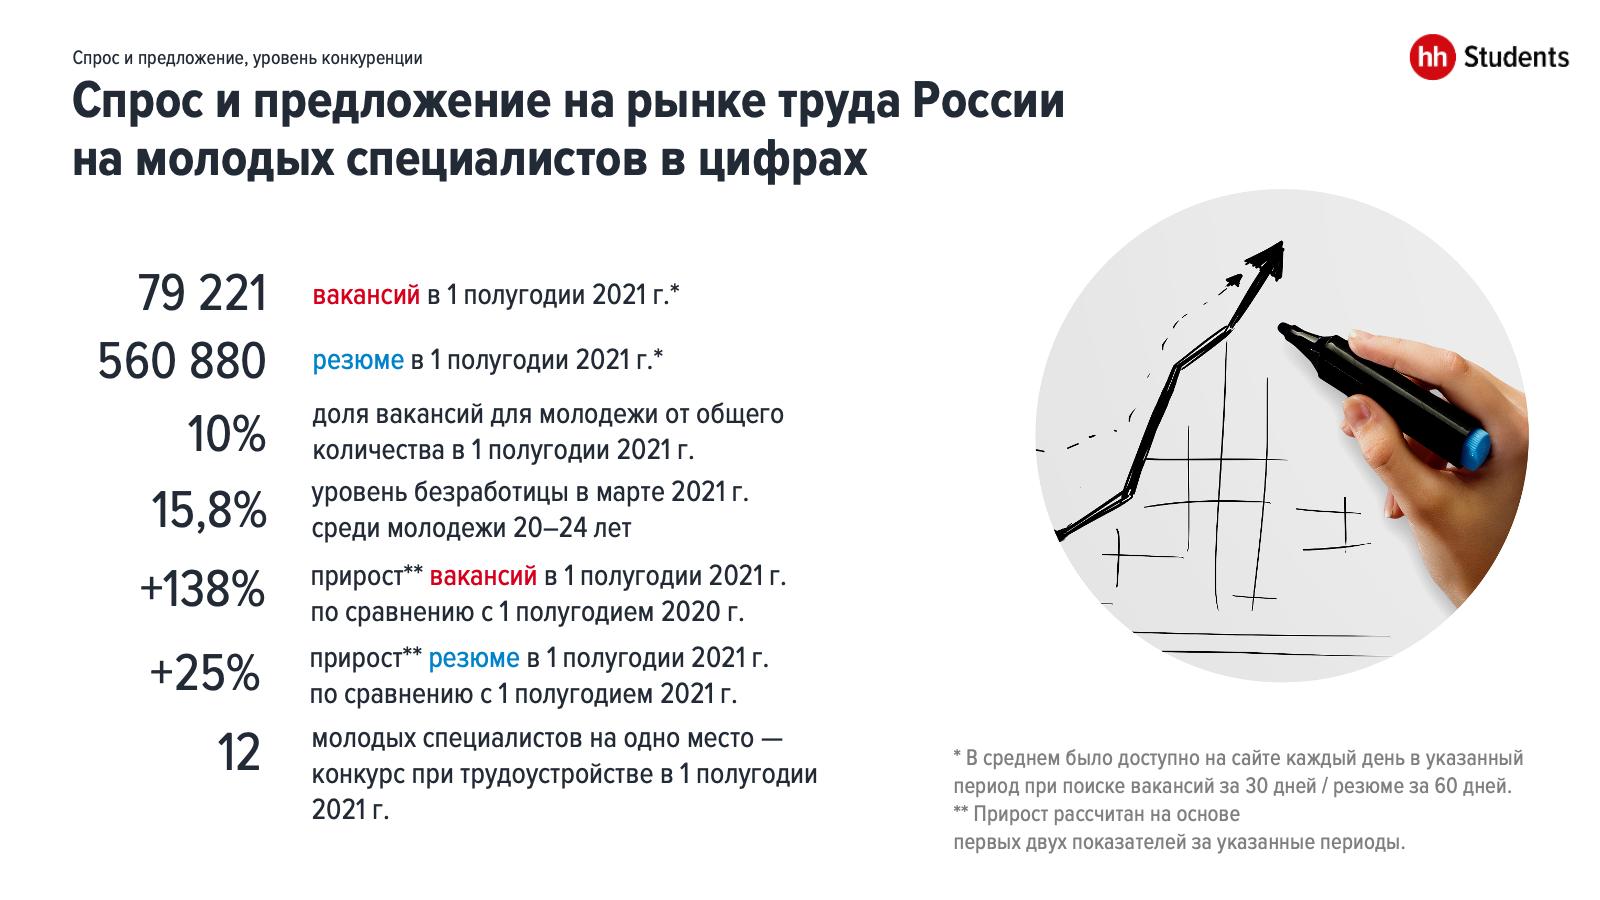 Рынок труда молодых специалистов: итоги 1 половины 2021 года